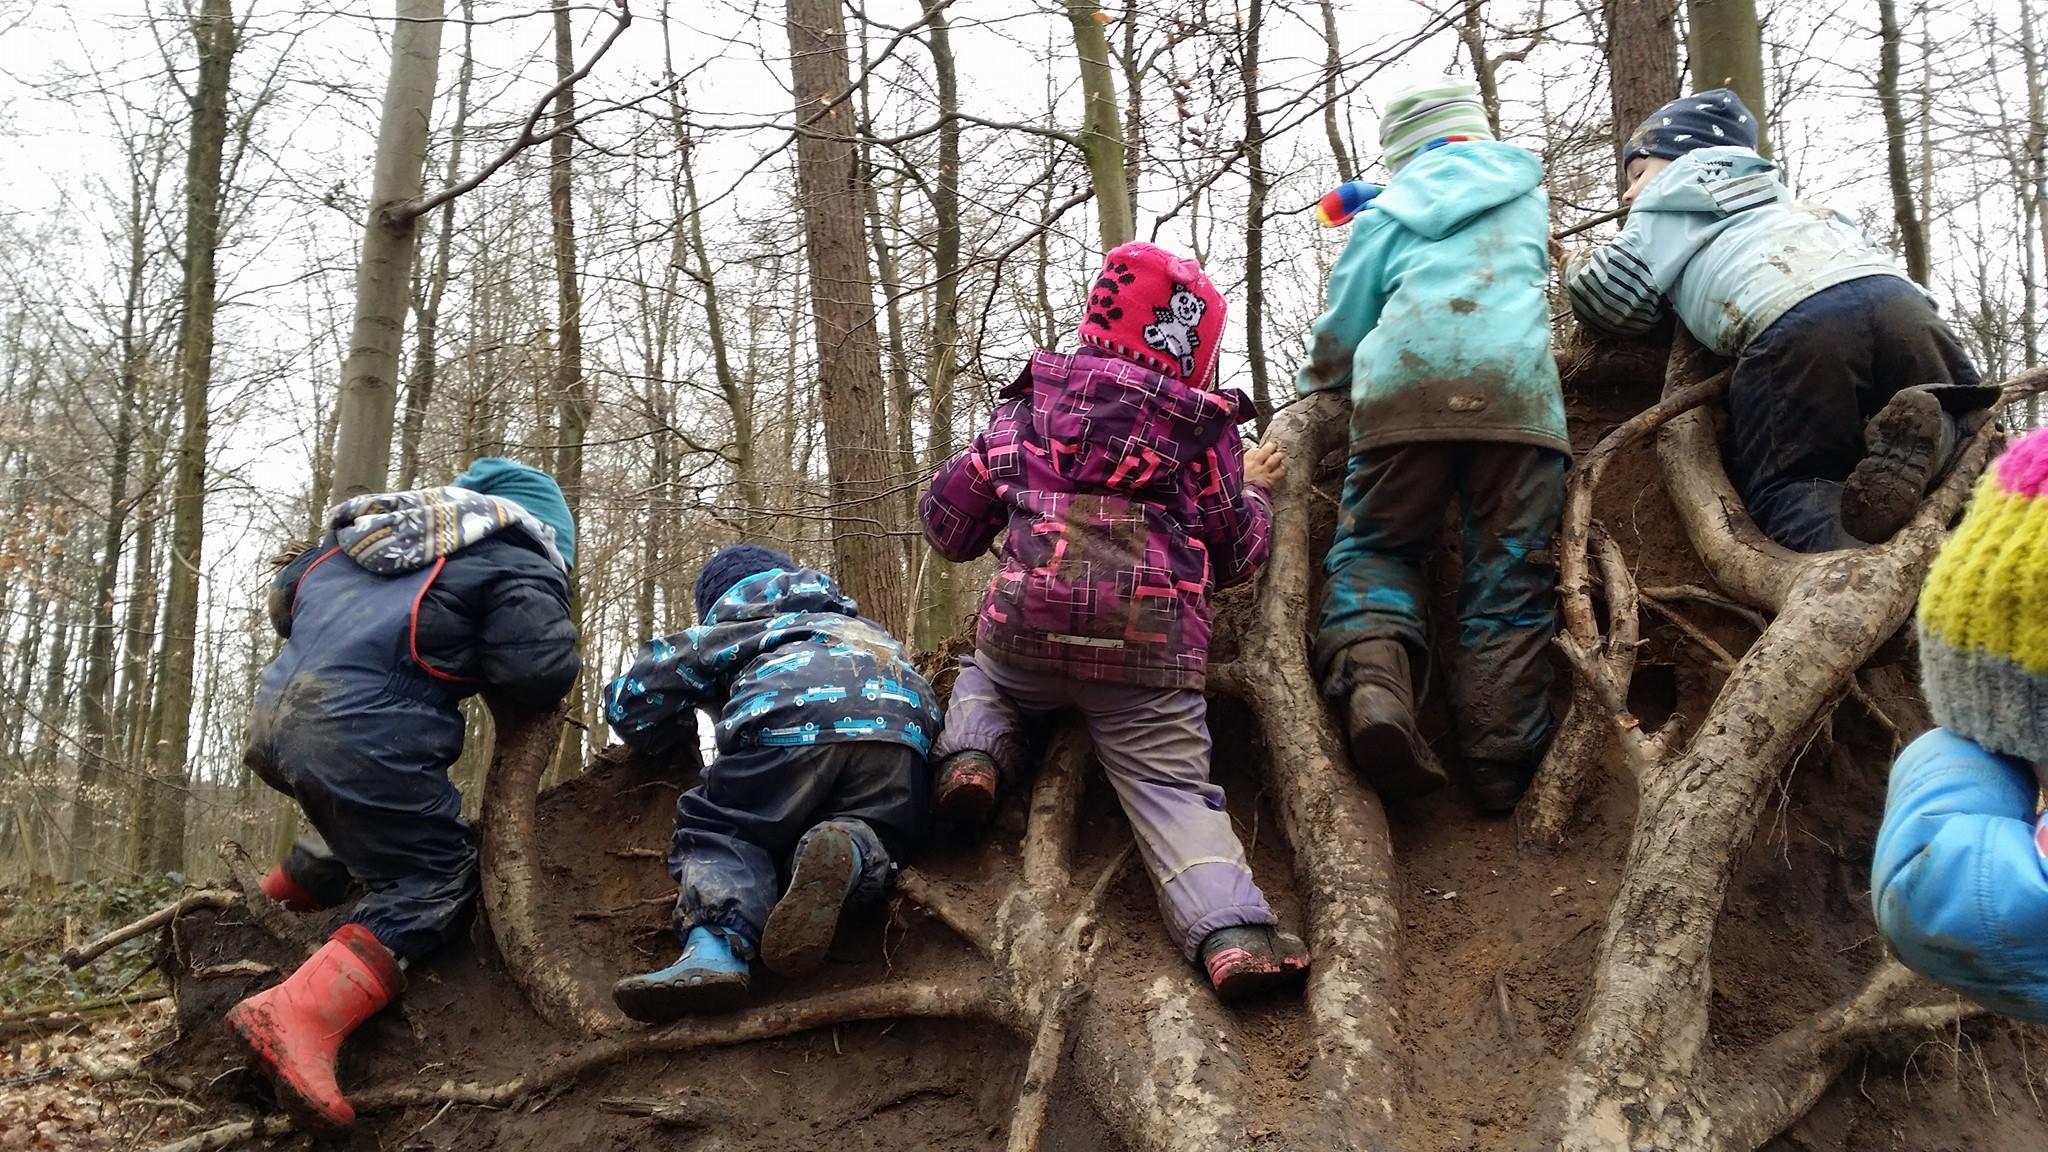 waldameisen_waldkindergarten_berne_klettern